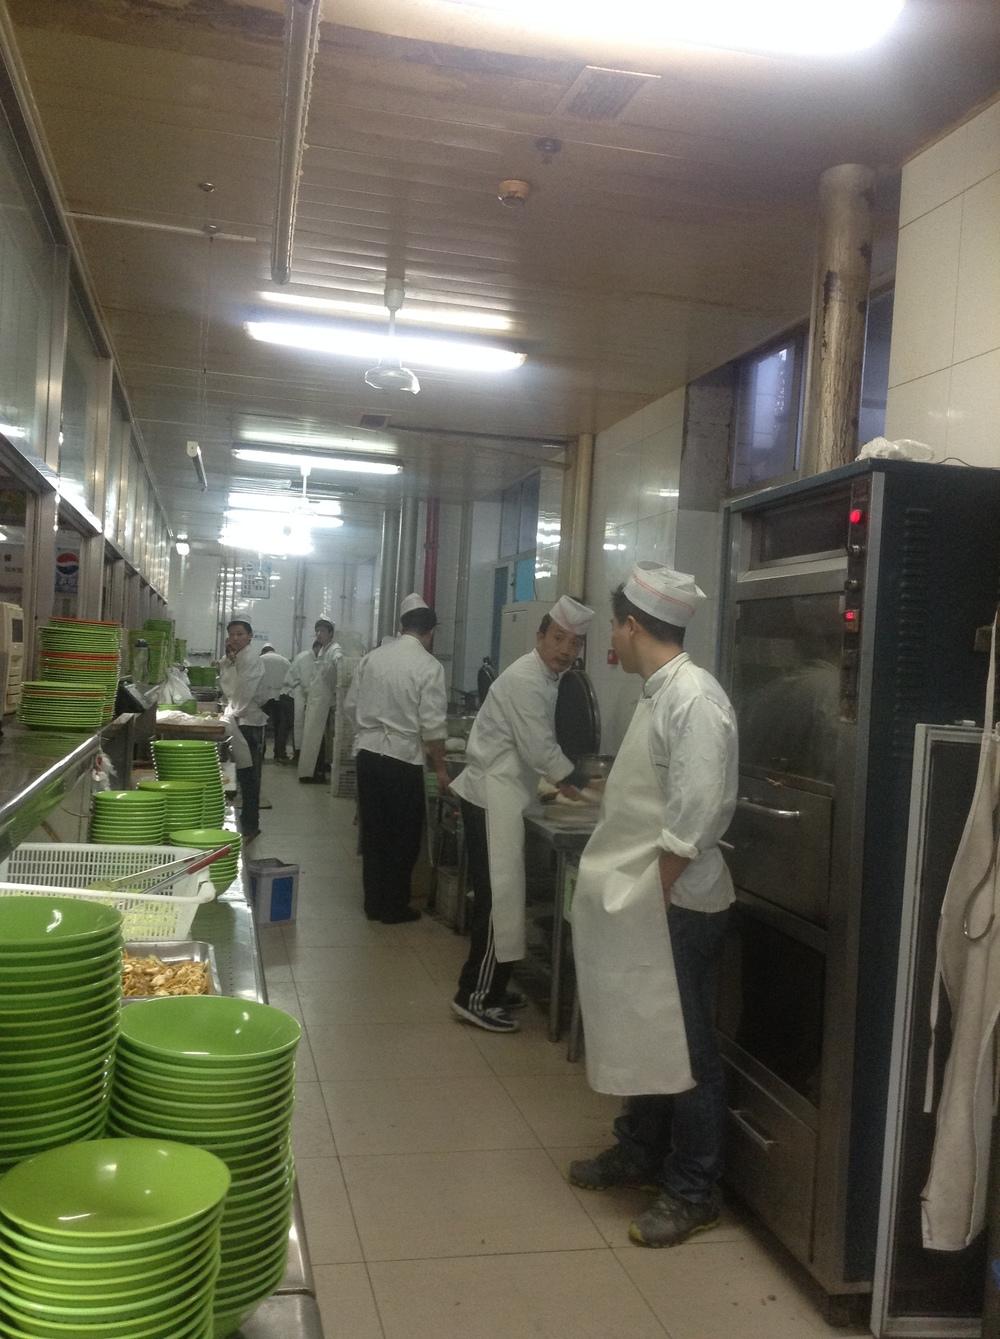 Los cocineros en la cafetería de mi universidad. Acá una historia sobre ellos : http://www.laurarojasaponte.com/laura-en-china-blog/mi-muchedumbre